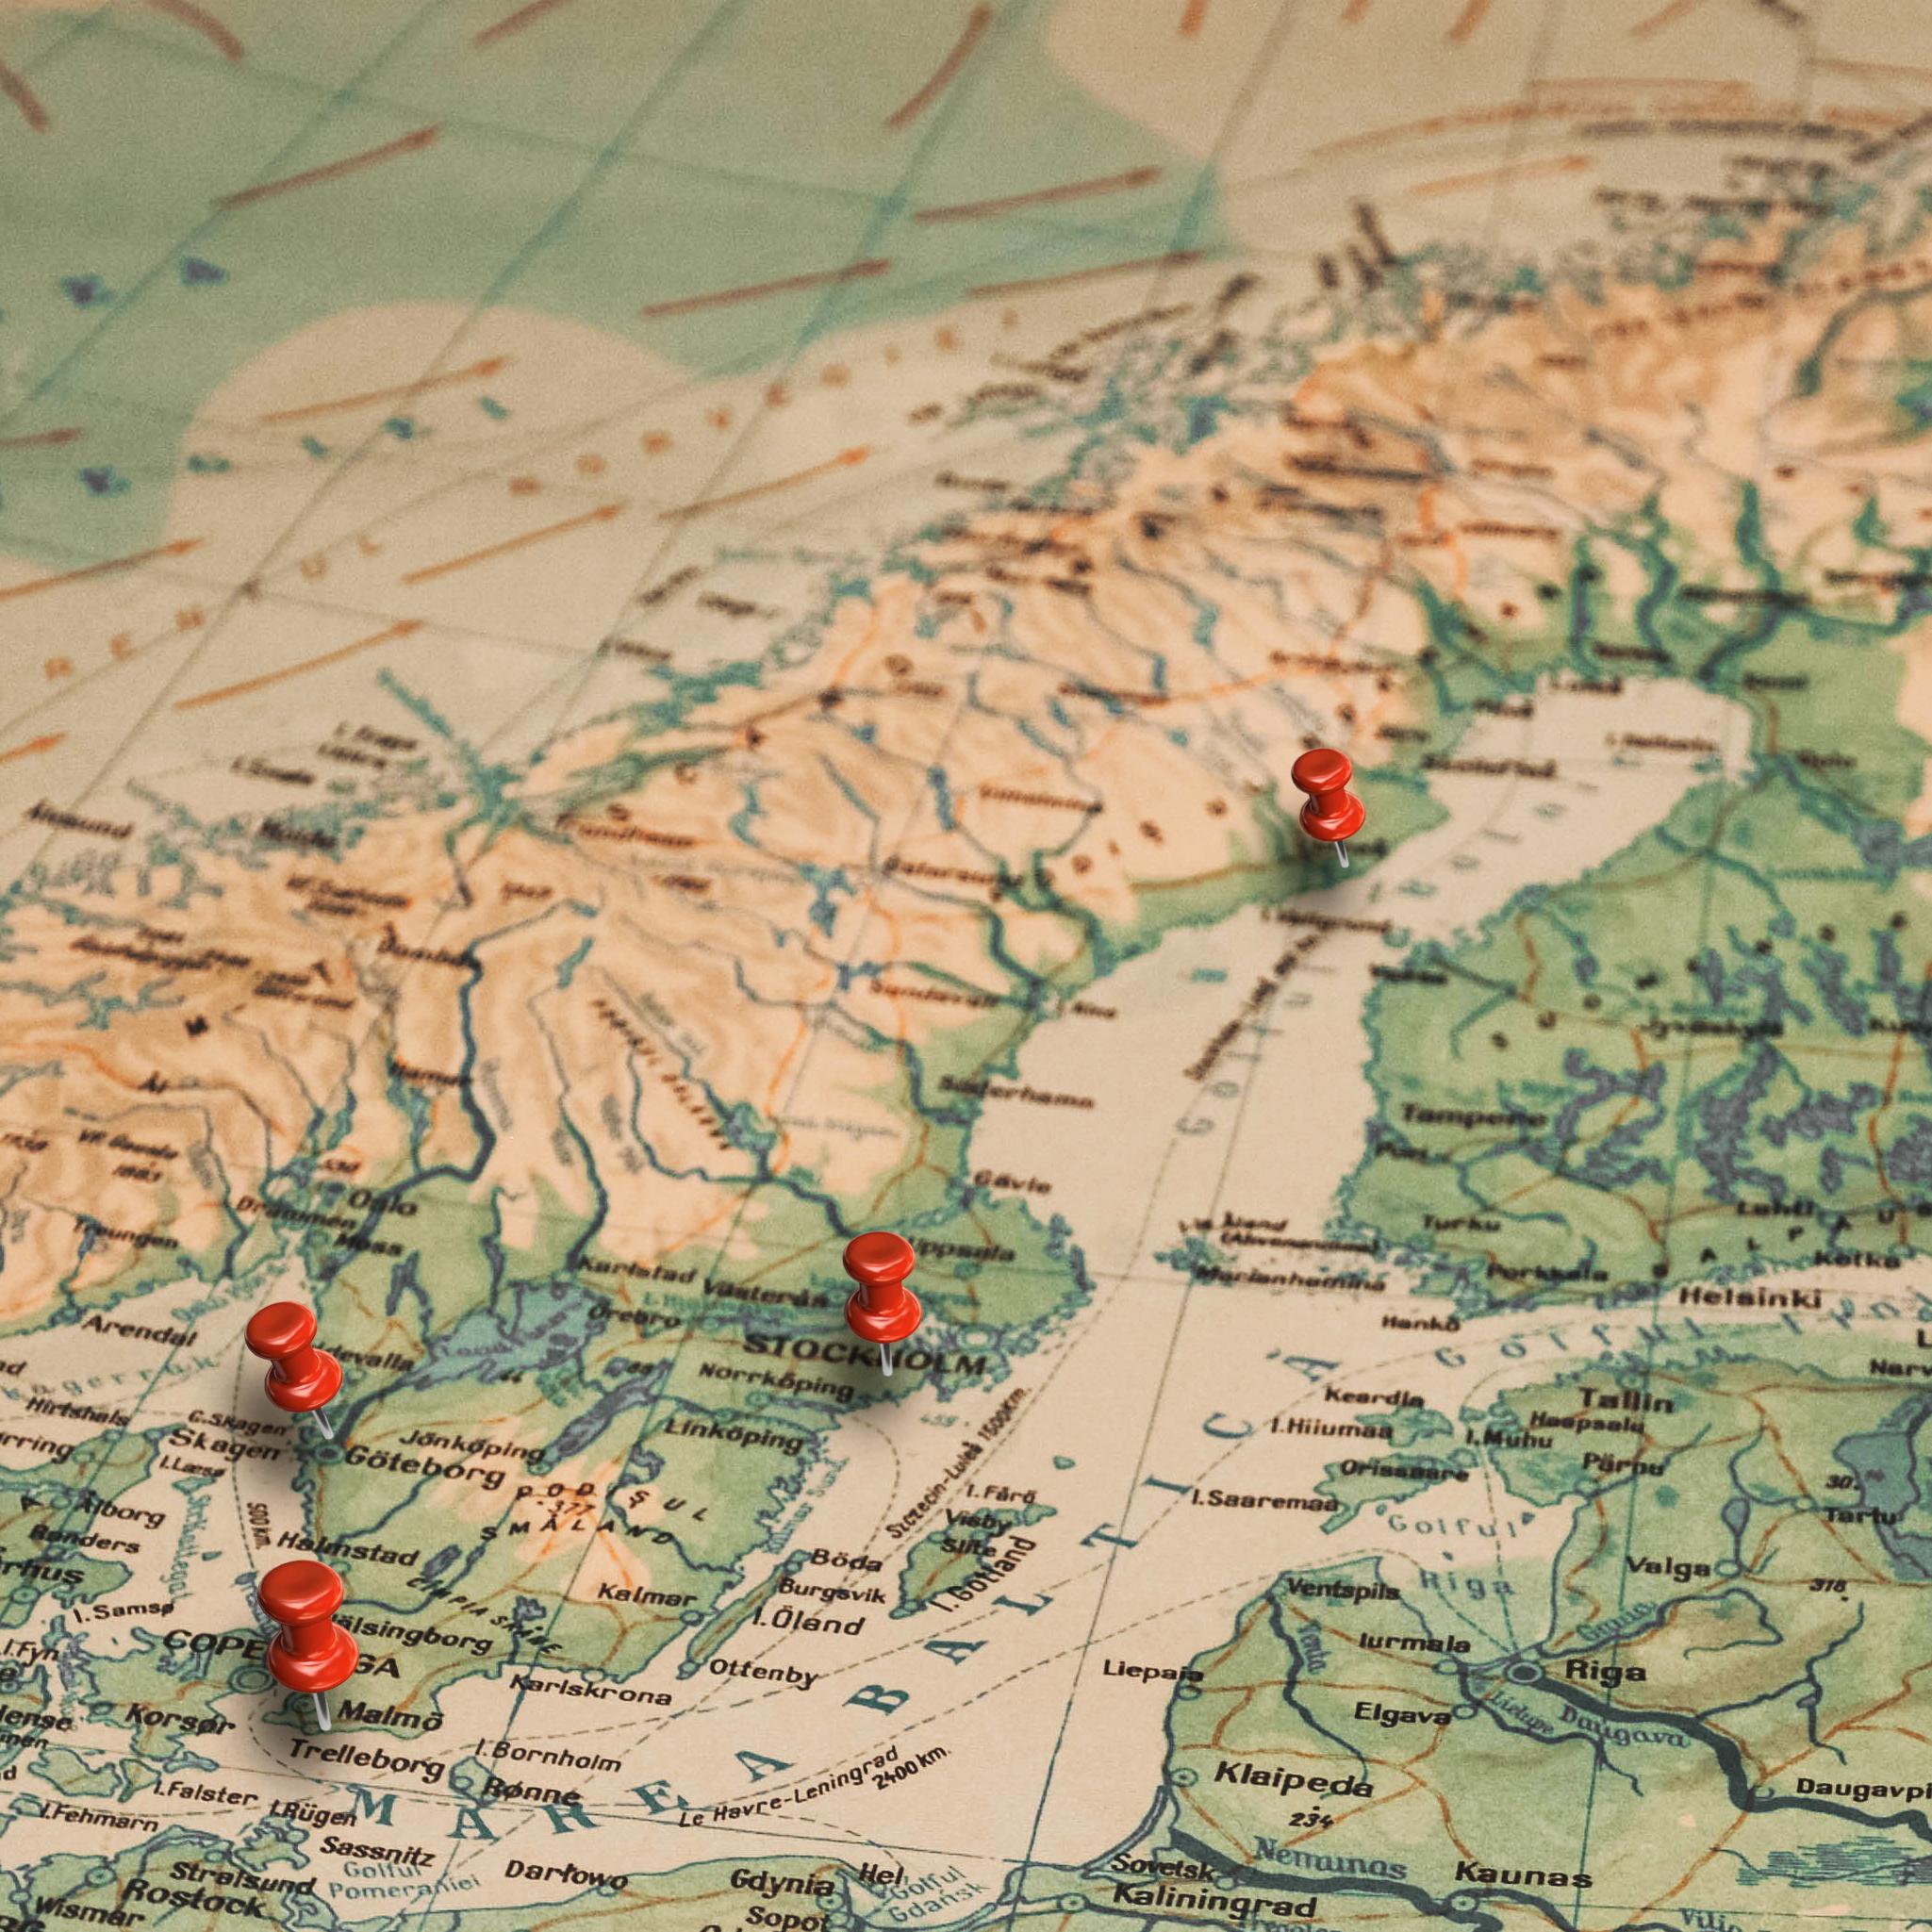 Umeå, Stockholm, Göteborg, Malmö, Skellefteå, Östersund, Örnsköldsvik, Uppsala, Jönköping and Varberg.